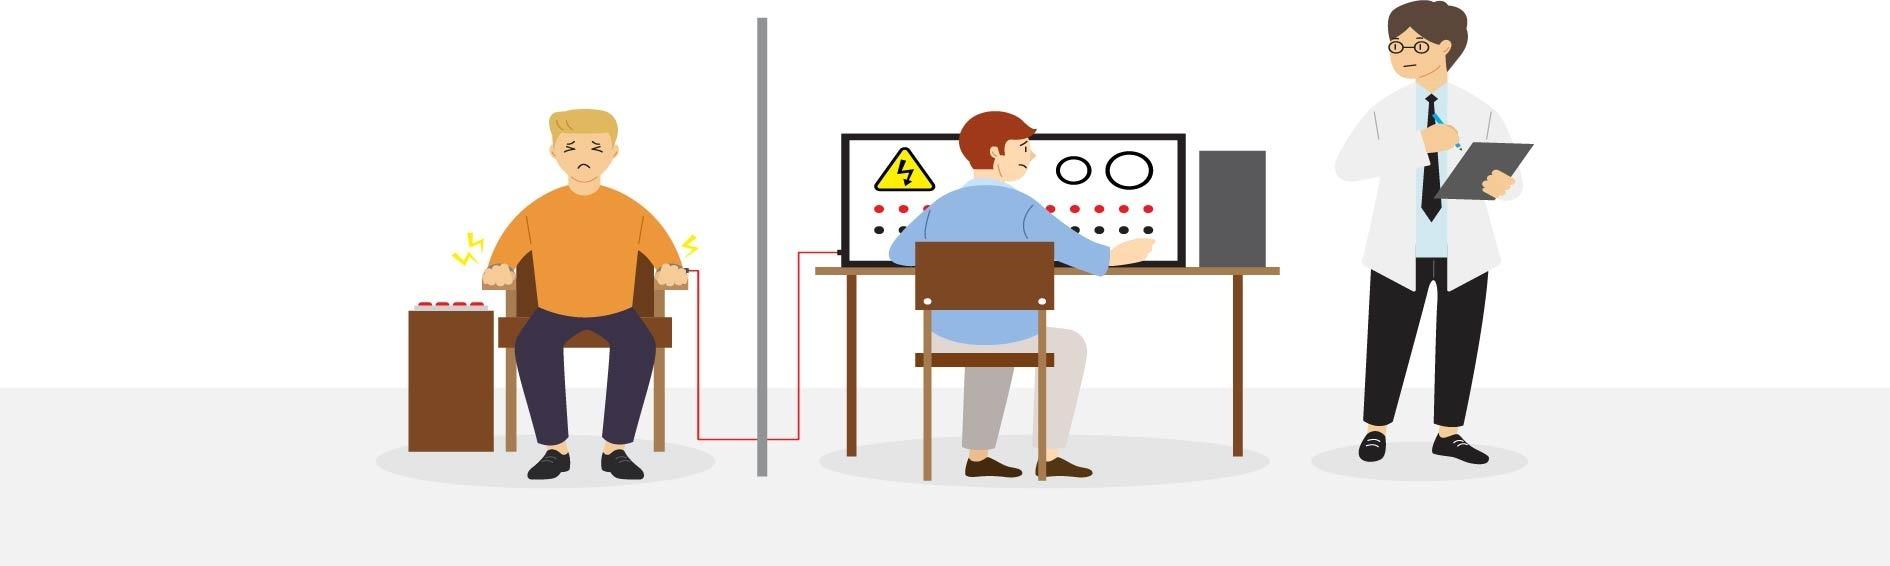 Qué fue el experimento de Milgram para la psicología social